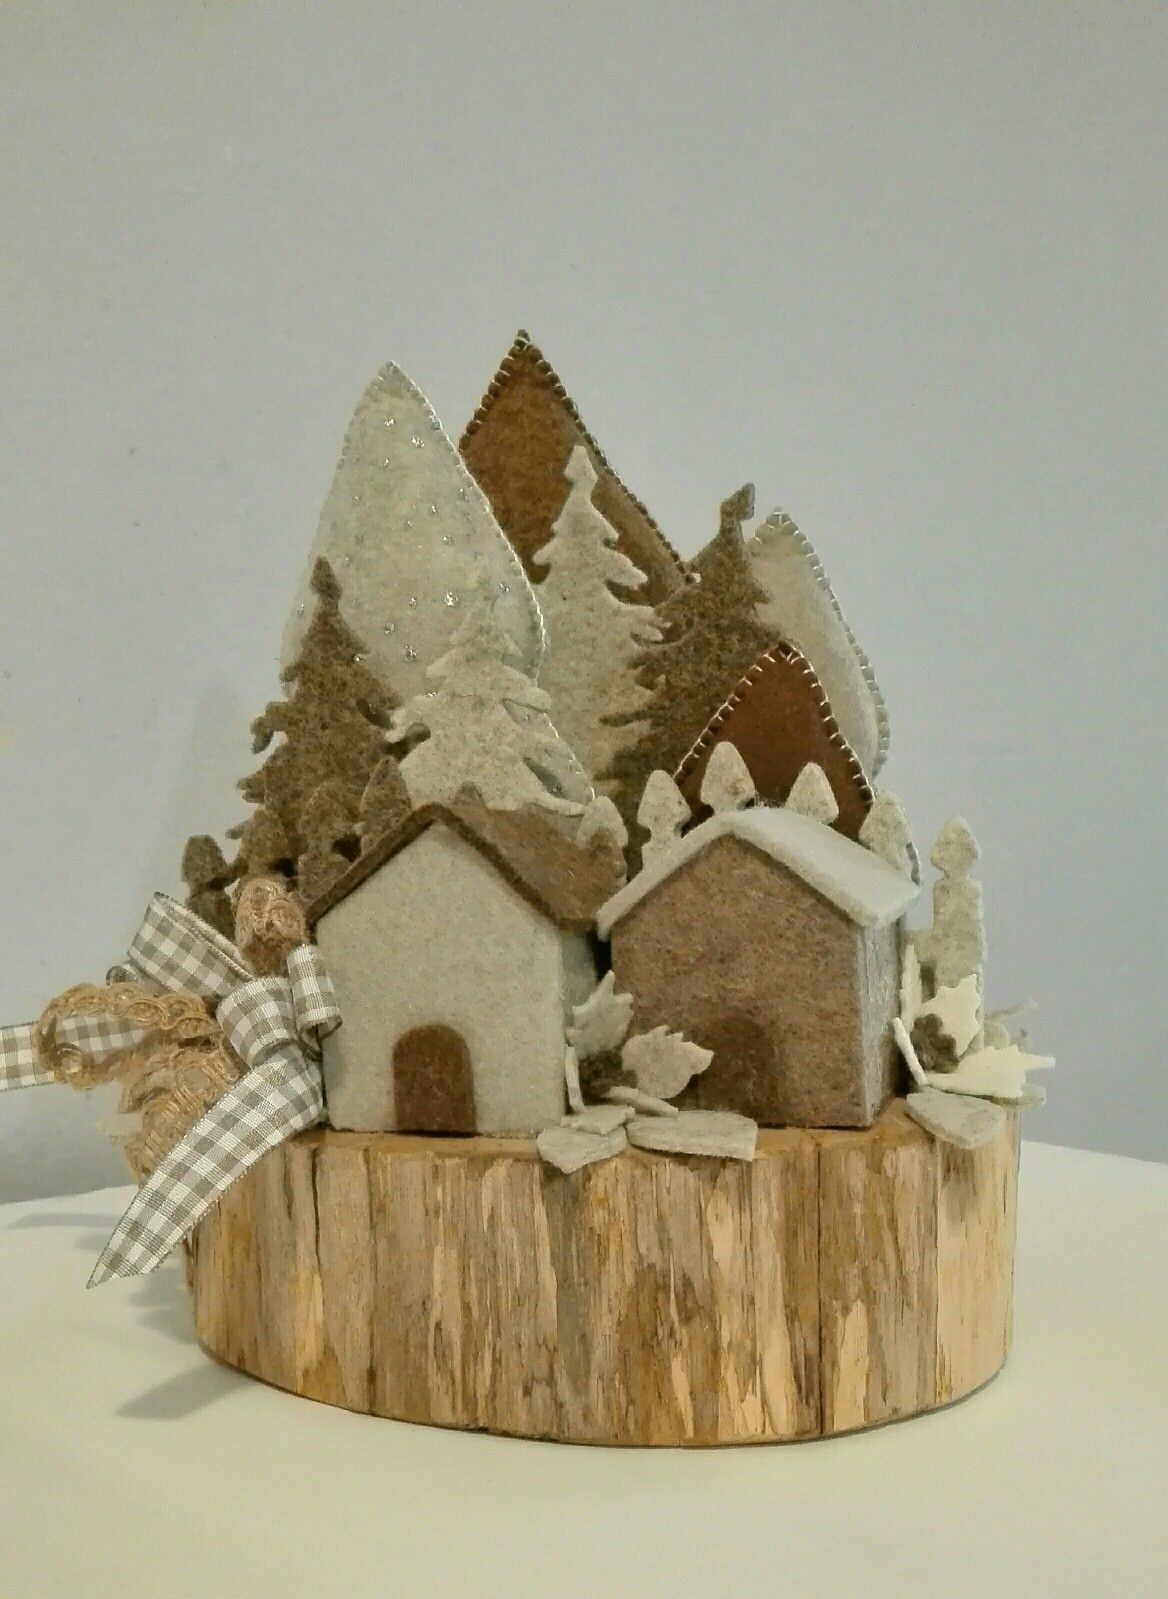 Paesaggio invernale natale rustico ornamento di for Ornamenti casa